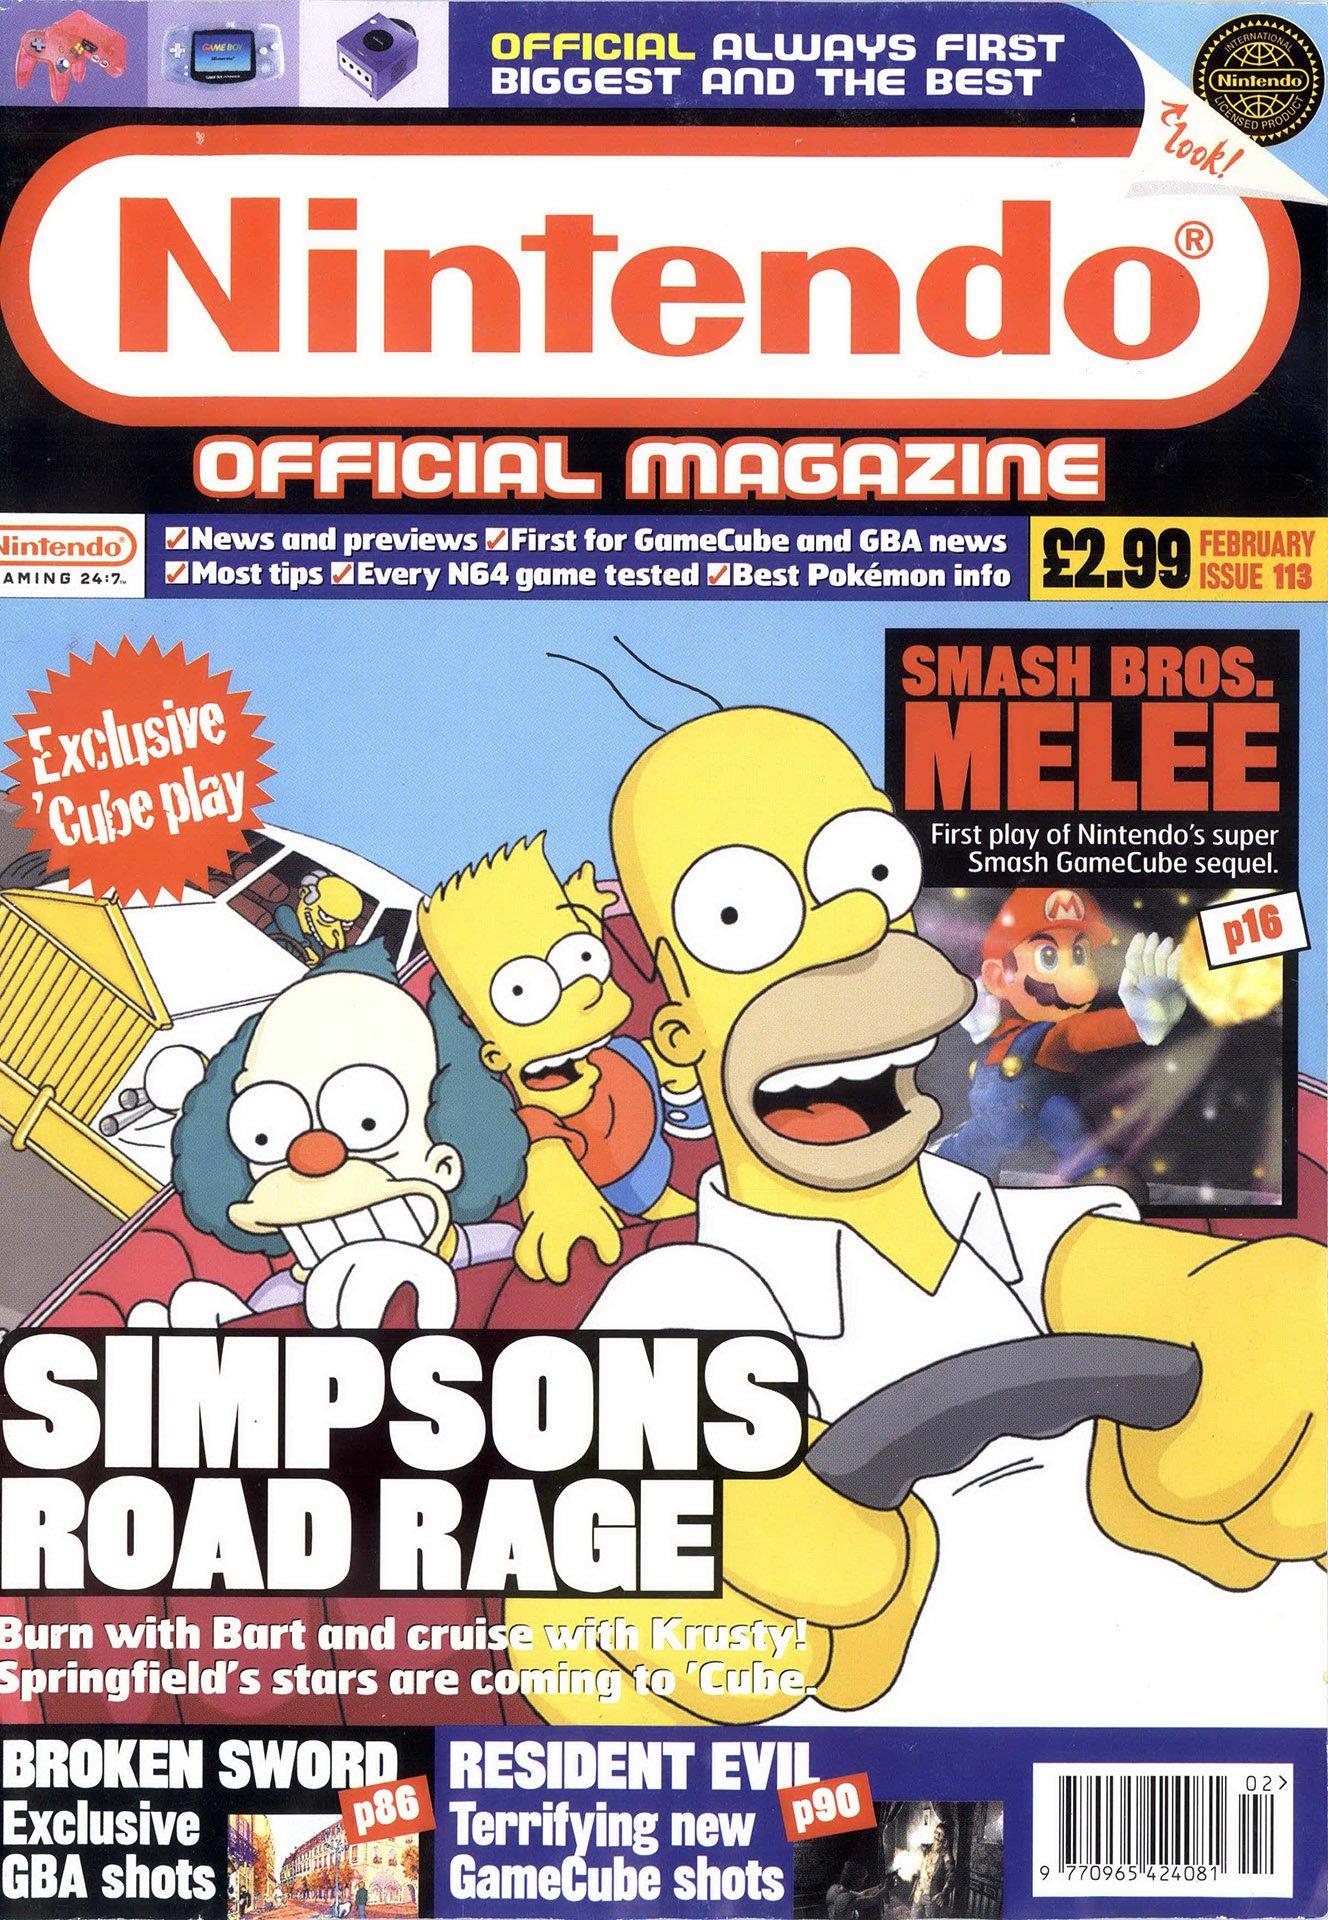 Nintendo Official Magazine 113 (February 2002)